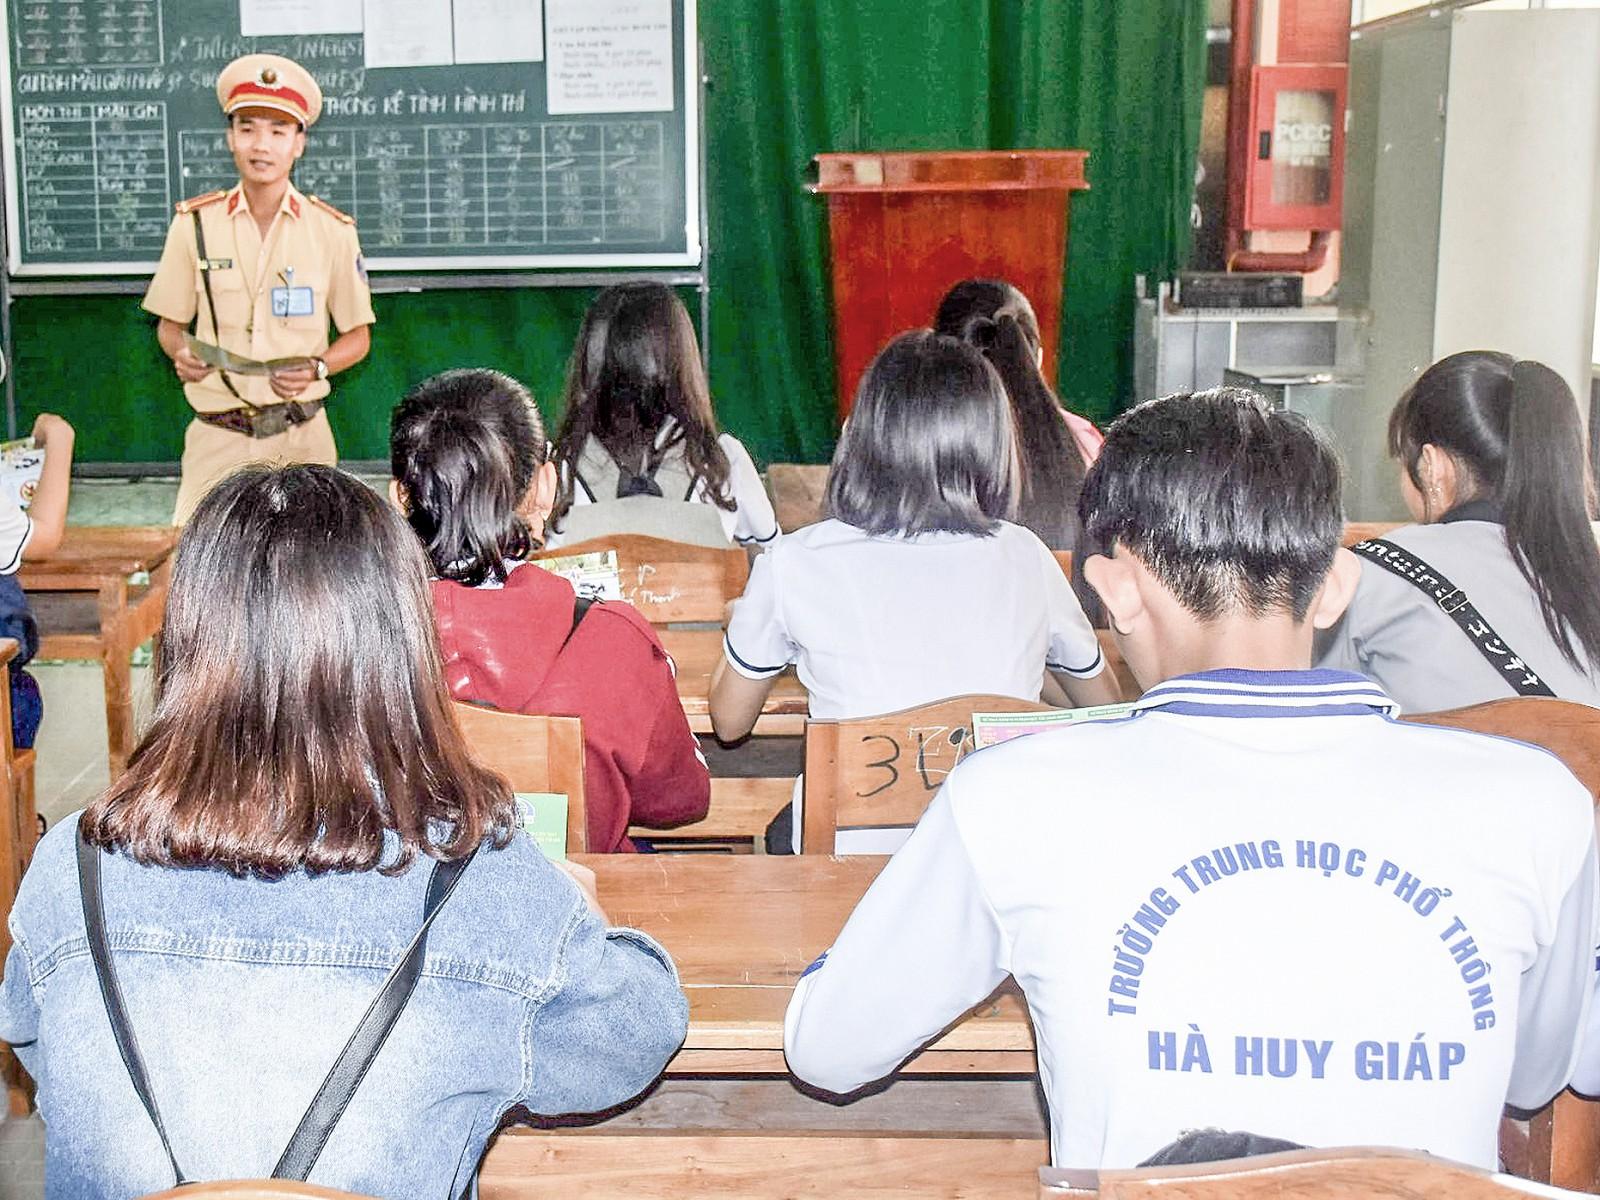 CSGT Công an huyện Cờ Đỏ tuyên truyền trong trường học trên địa bàn huyện.